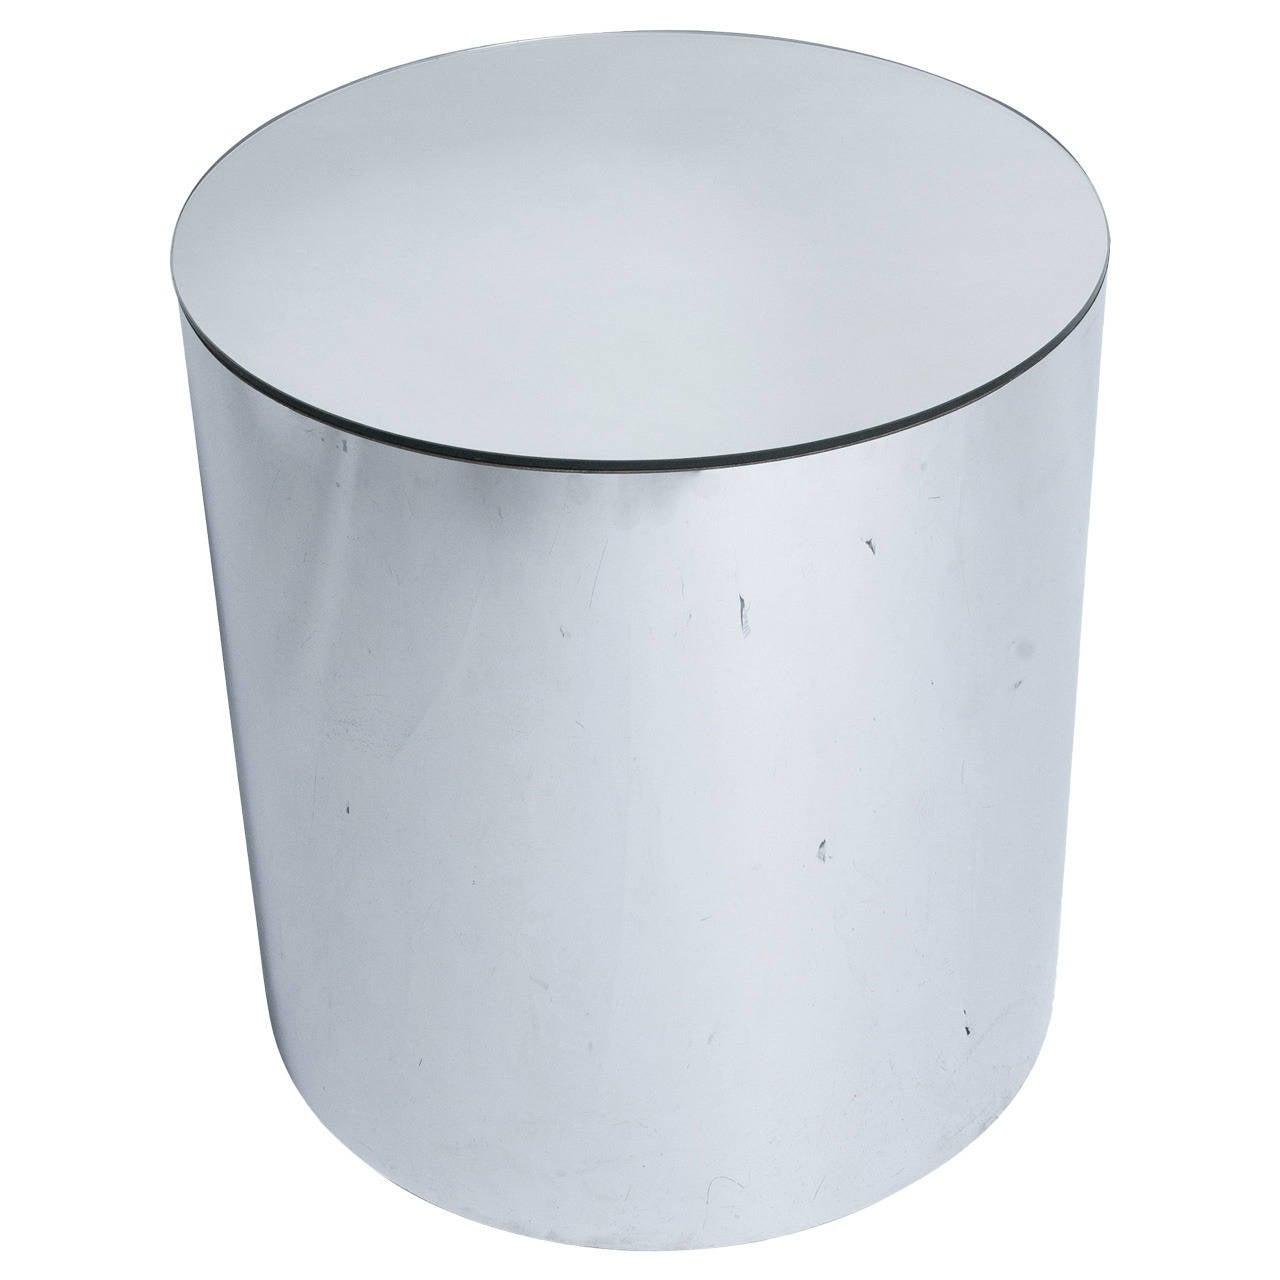 Mirror Drum Pedestal Table